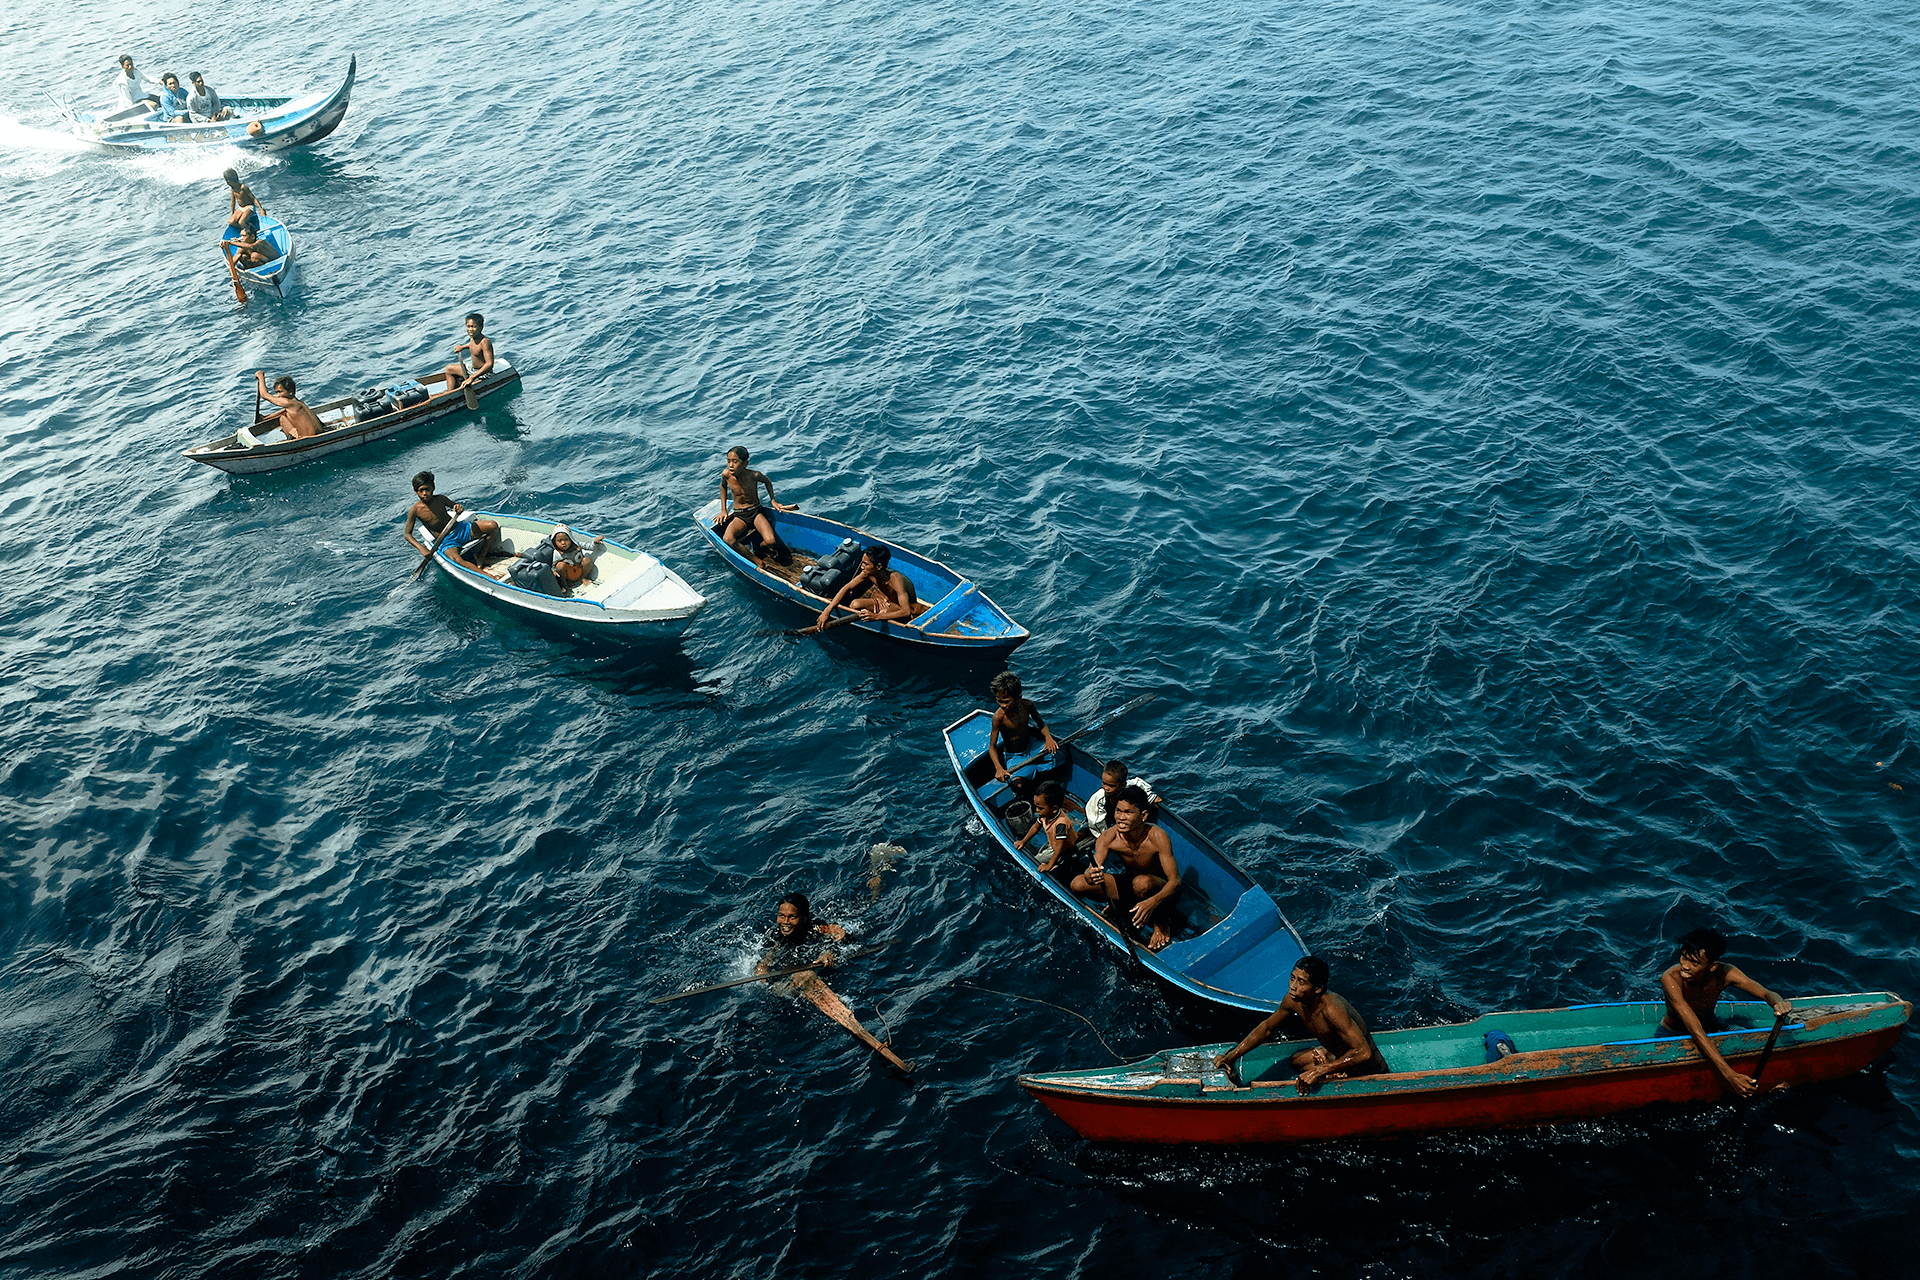 Malamawi, Basilan